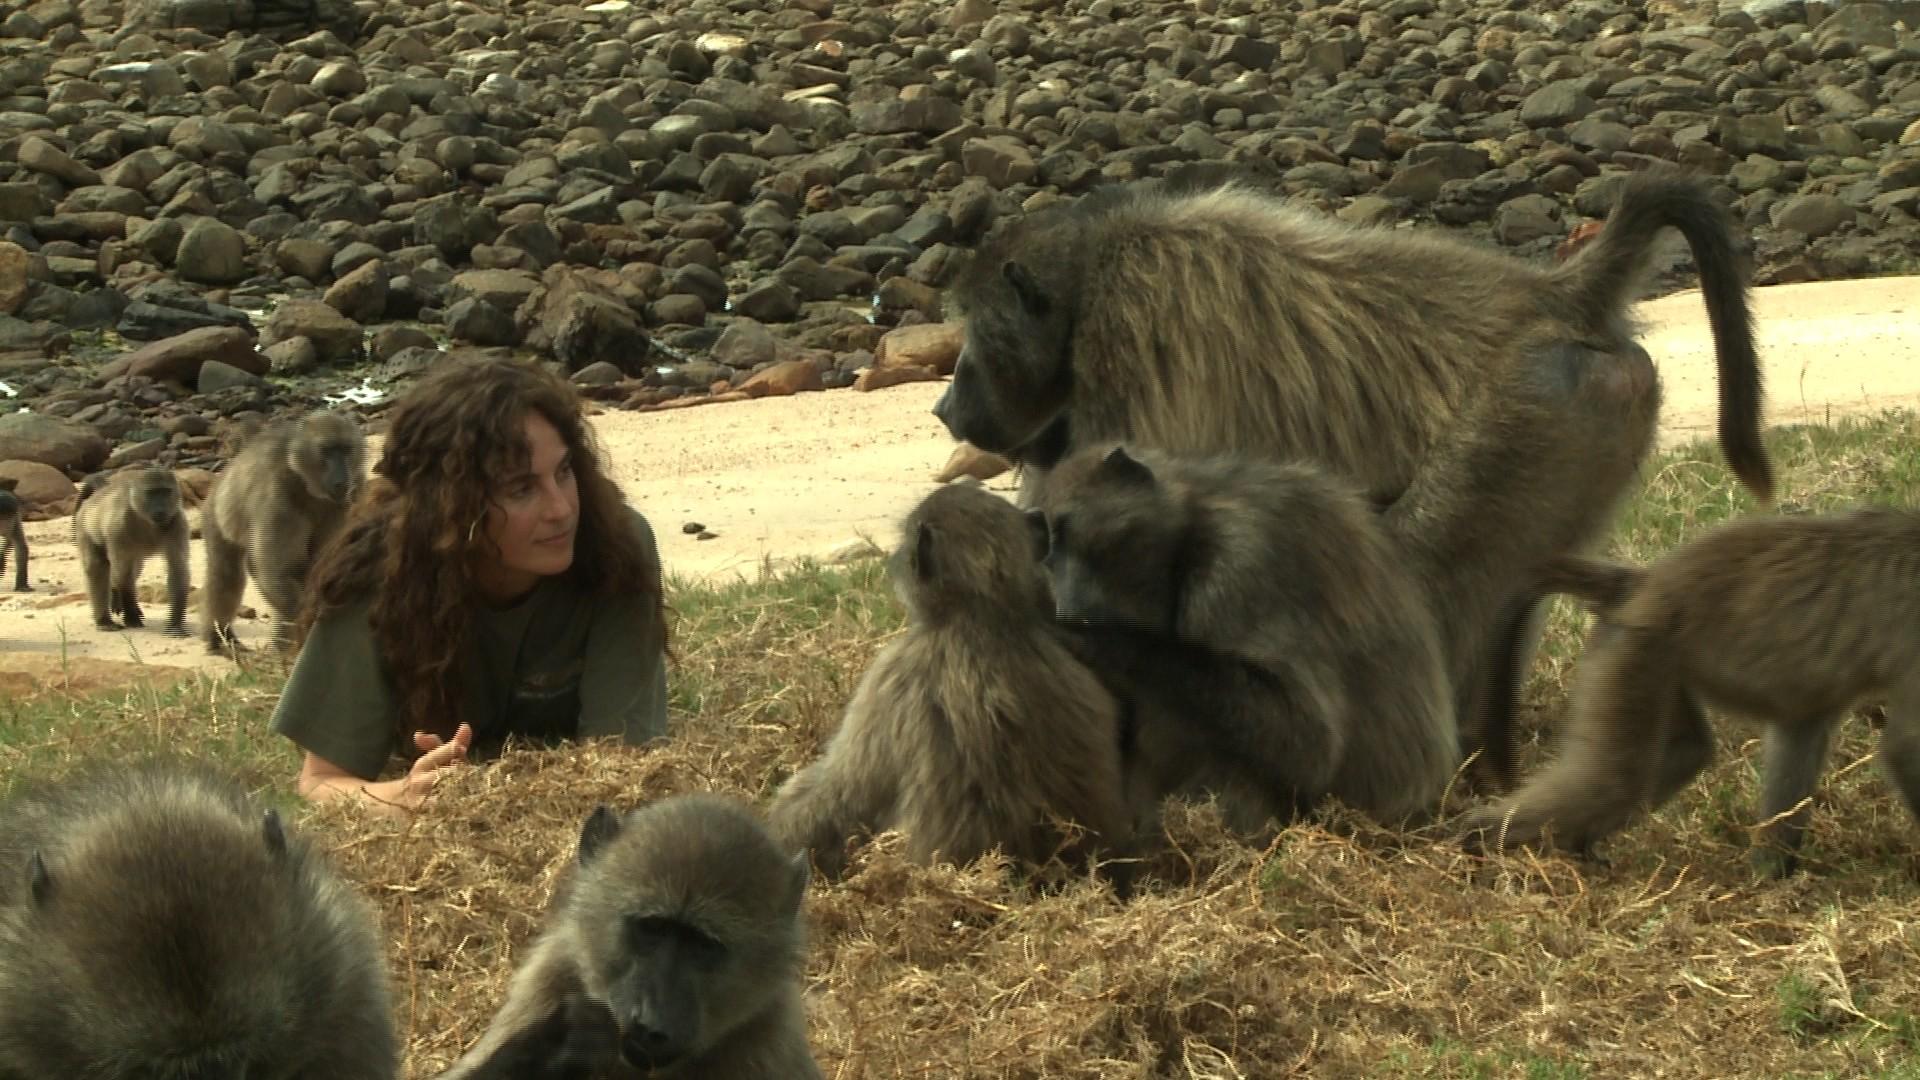 Razgovarati sa životinjama